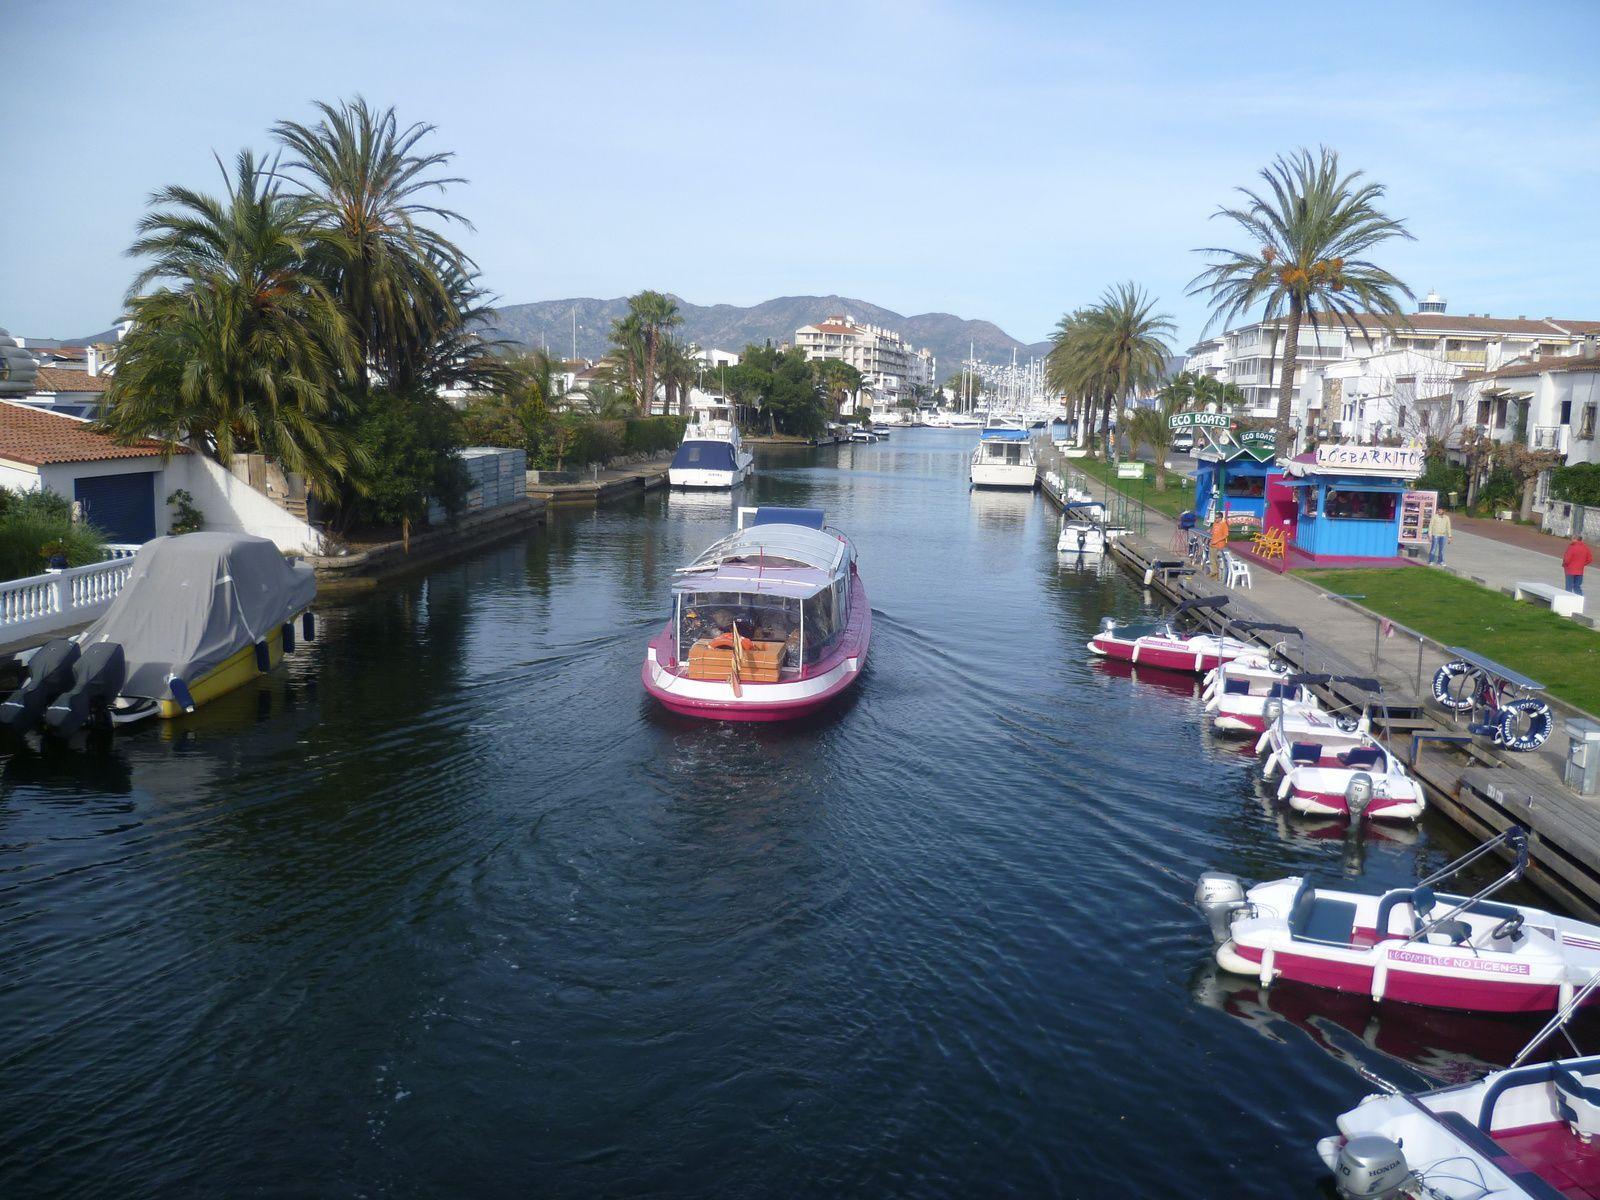 ette ville espagnole dispose de tous les services indispensables à une agglomération à vocation internationale. Plus de 5.000 points d'amarrages font d'elle la plus grande marina d'Europe. Sa tour panoramique est visible à de nombreux kilomètres. Prés de la frontière française (28 kms) et à 45 kms de Girone, la marina d'Empuriabrava se trouve bien desservie. C'est un endroit agréable pour y passer ses vacances. Le charme de ses canaux est indéniable, c'est un plaisir d'y séjourner. Cette ville de la Costa brava dispose de plusieurs kilomètres de plage pour le plaisir de tous. De nombreux commerces se trouvent sous les arcades, restaurants, boutiques de souvenirs, mode, grandes surfaces, coiffeurs, salle de jeux, bars, loisirs...